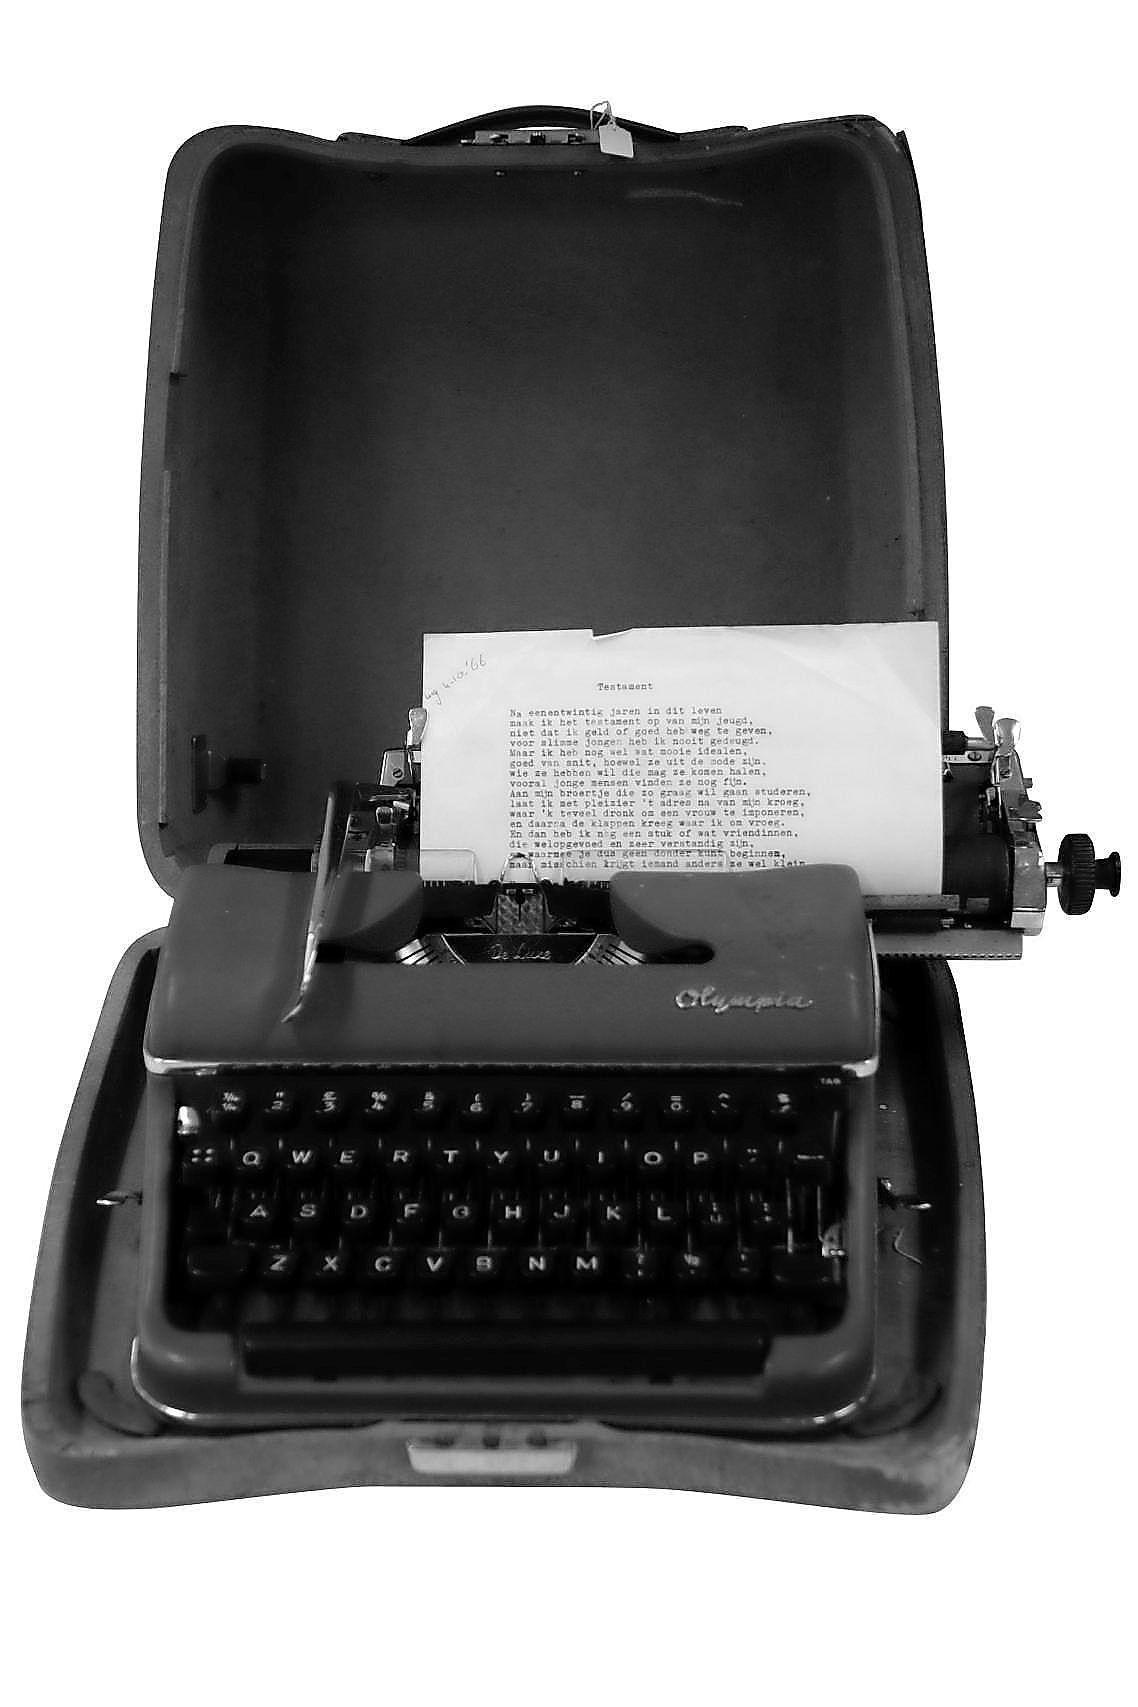 Over gedoe gesproken: ik moest mijn scriptie destijds op zo'n ouderwetse typemachine maken. Dat ding maakte een ongelooflijke kolereherrie [column]